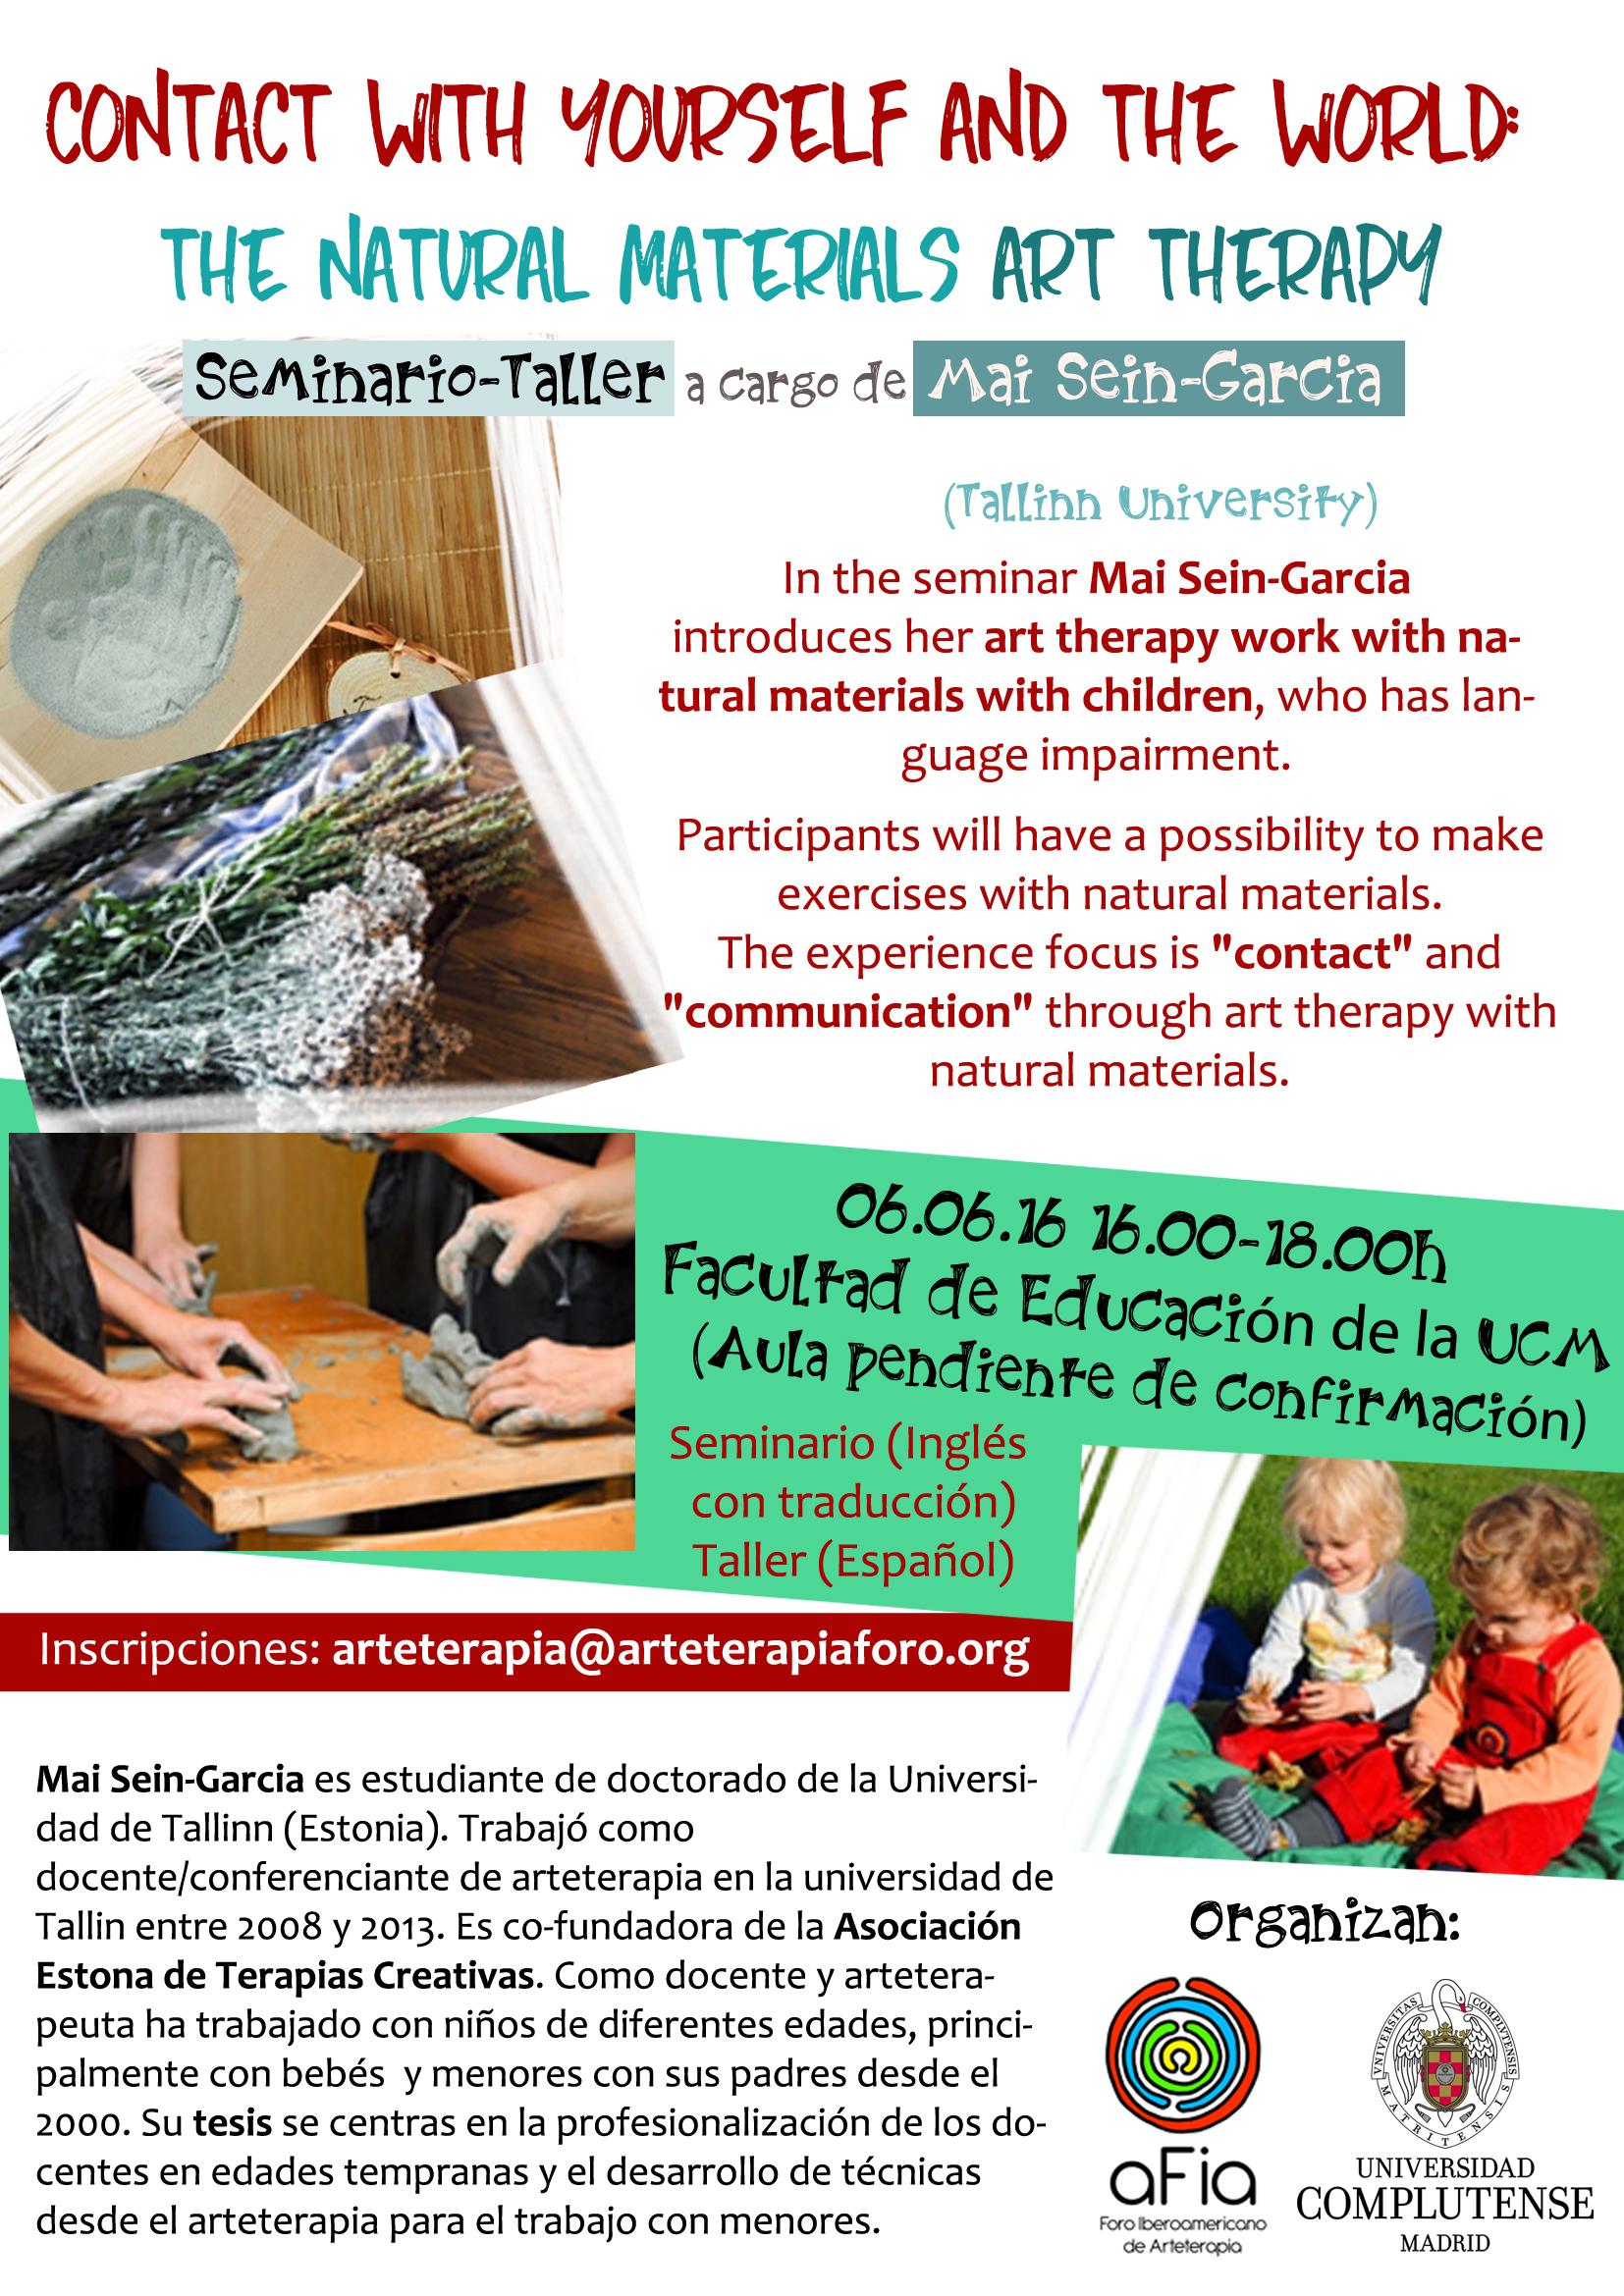 Seminario taller Mai Sen AFIA-UCM 06-06-16